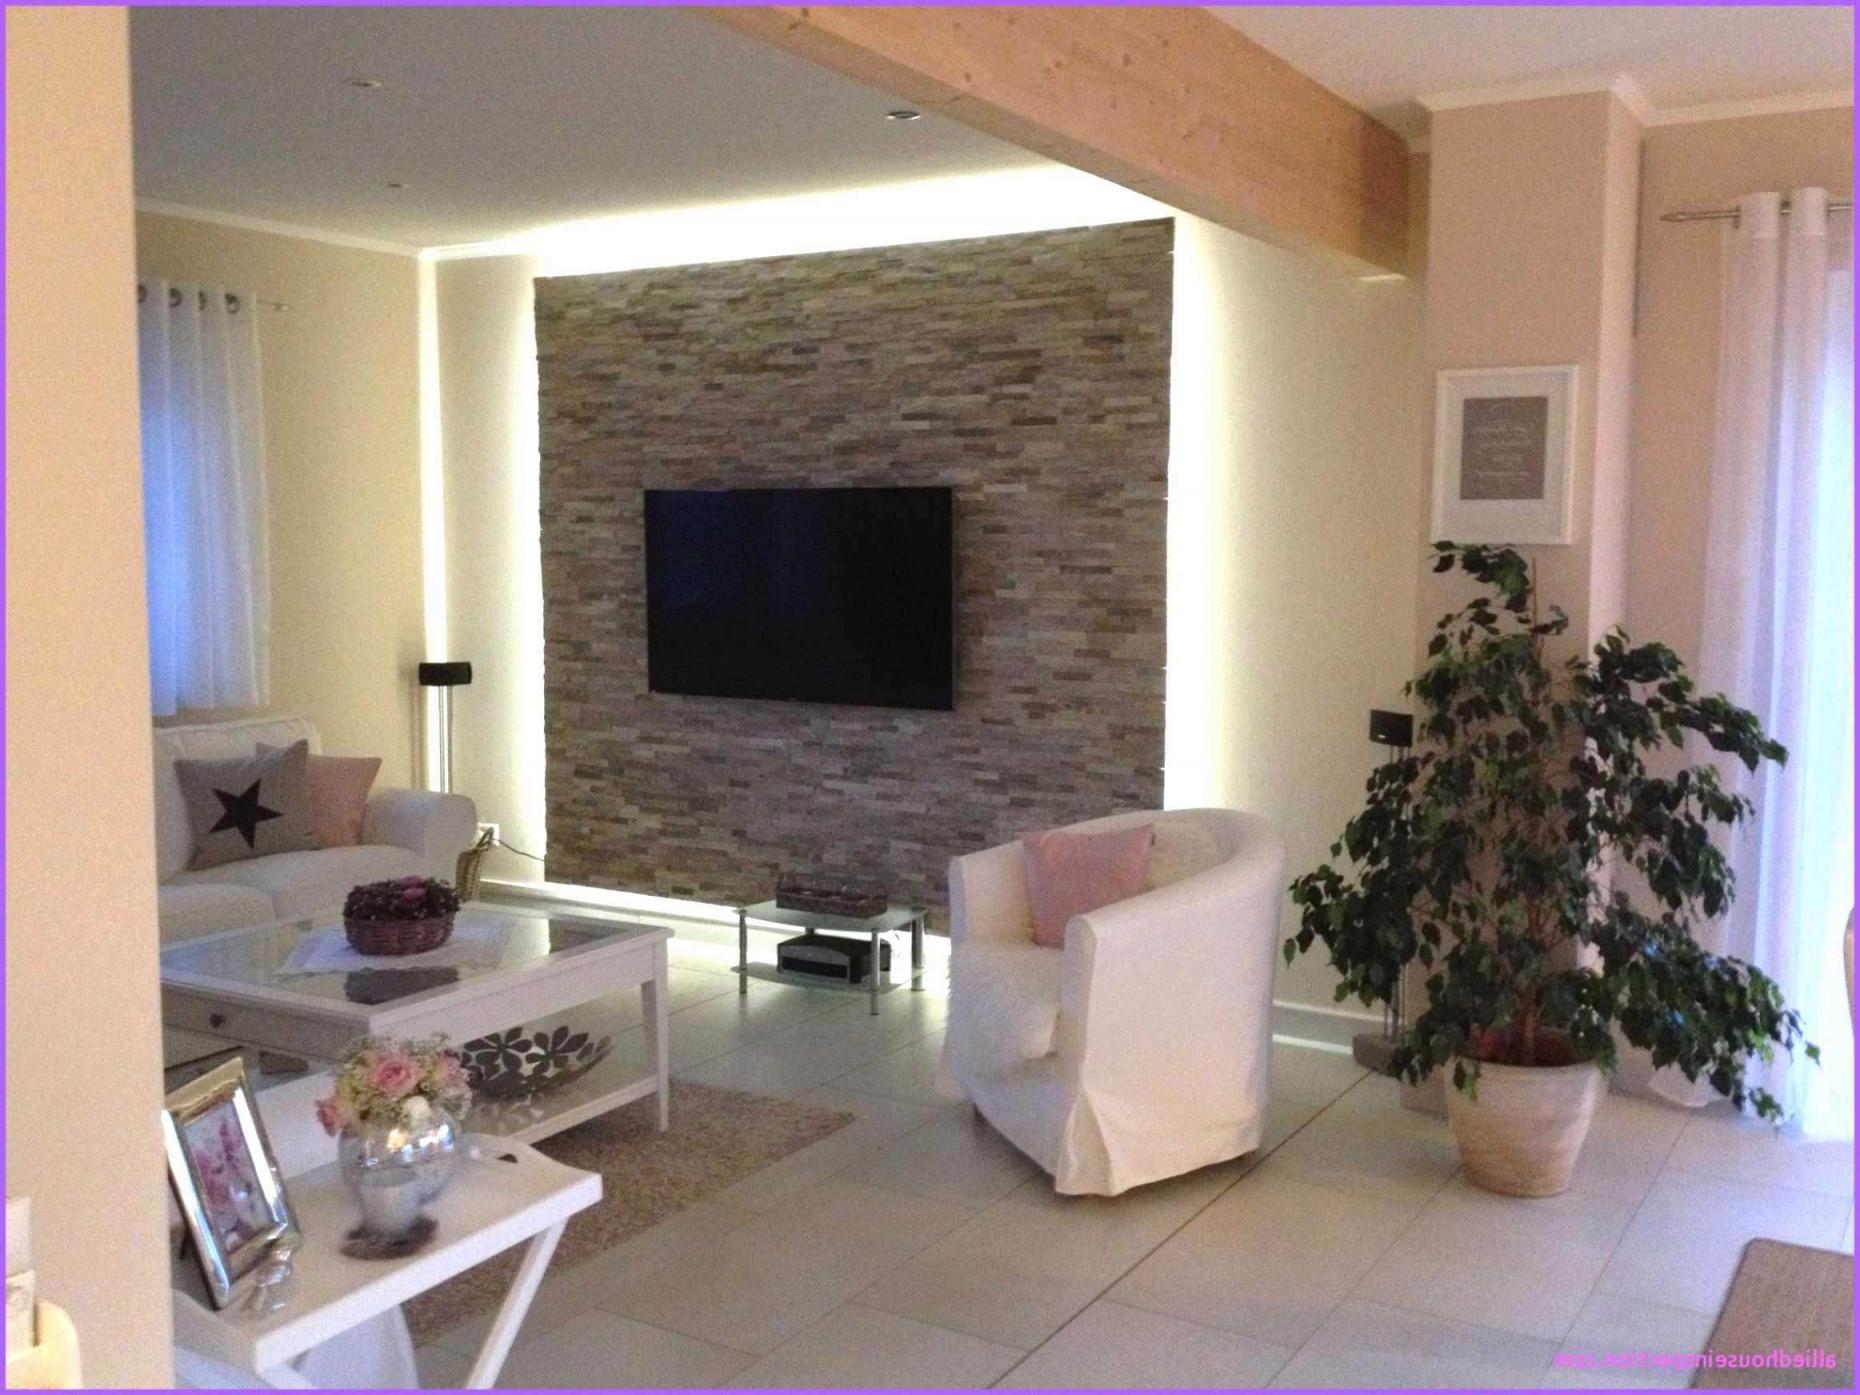 59 Elegant Wohnzimmer Ideen Grau Elegant  Tolles Wohnzimmer von Graues Wohnzimmer Ideen Bild